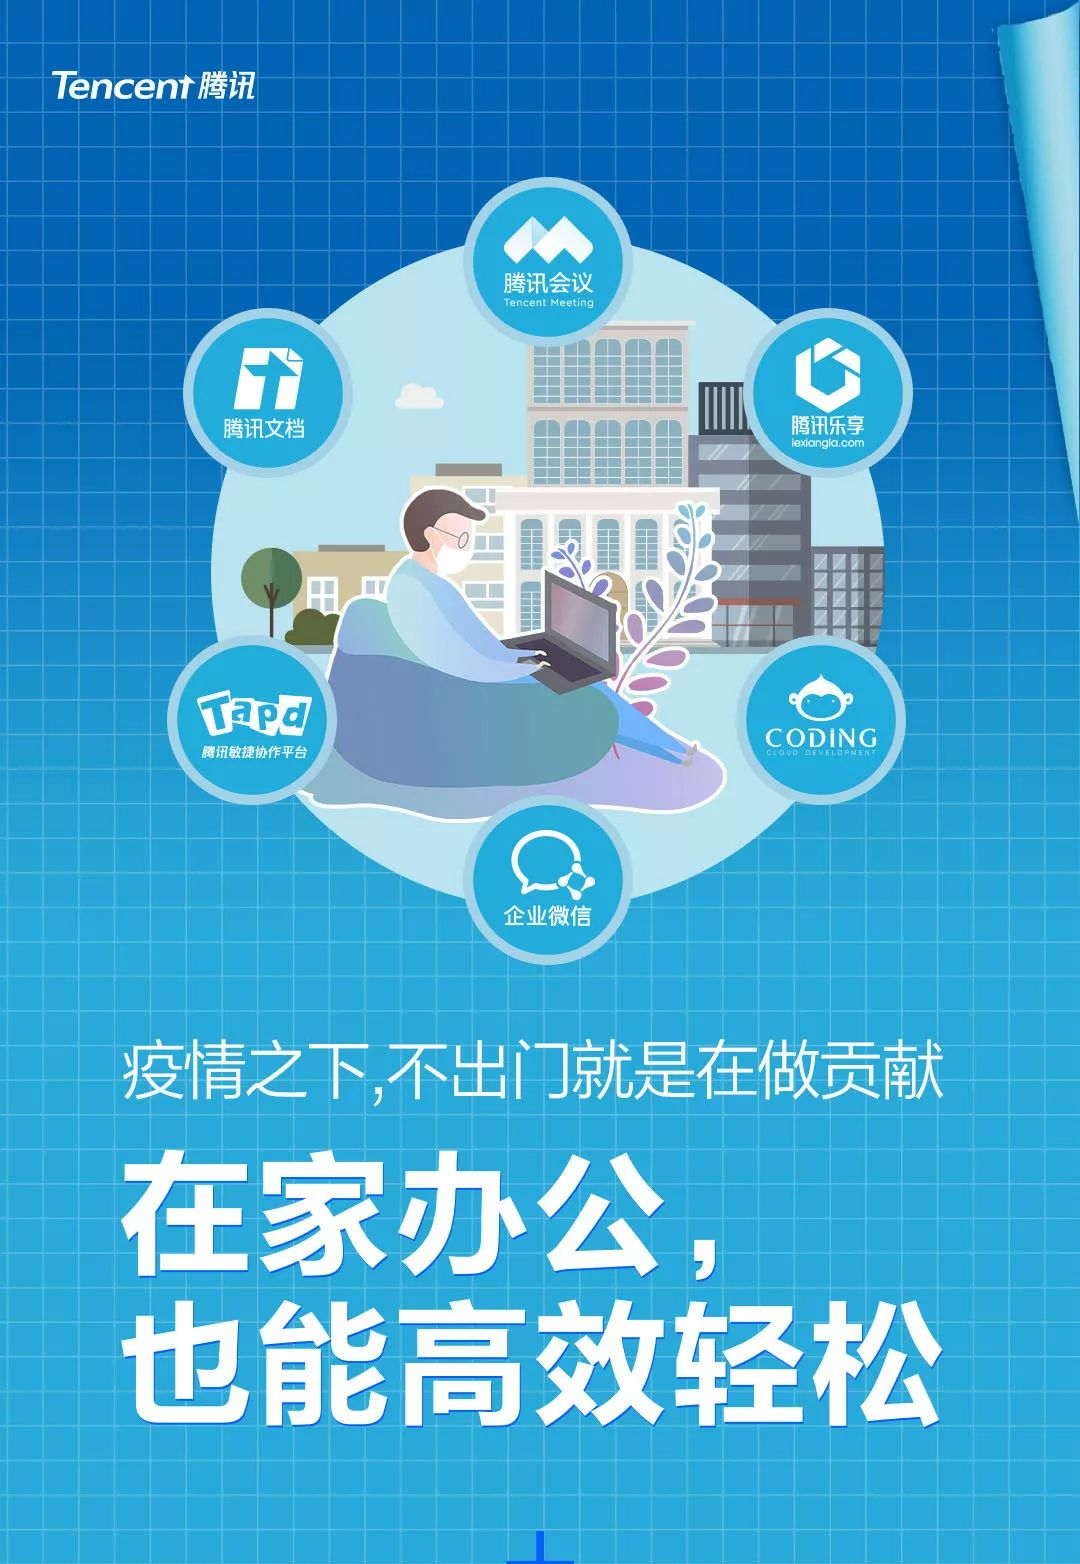 http://www.weixinrensheng.com/kejika/1506269.html